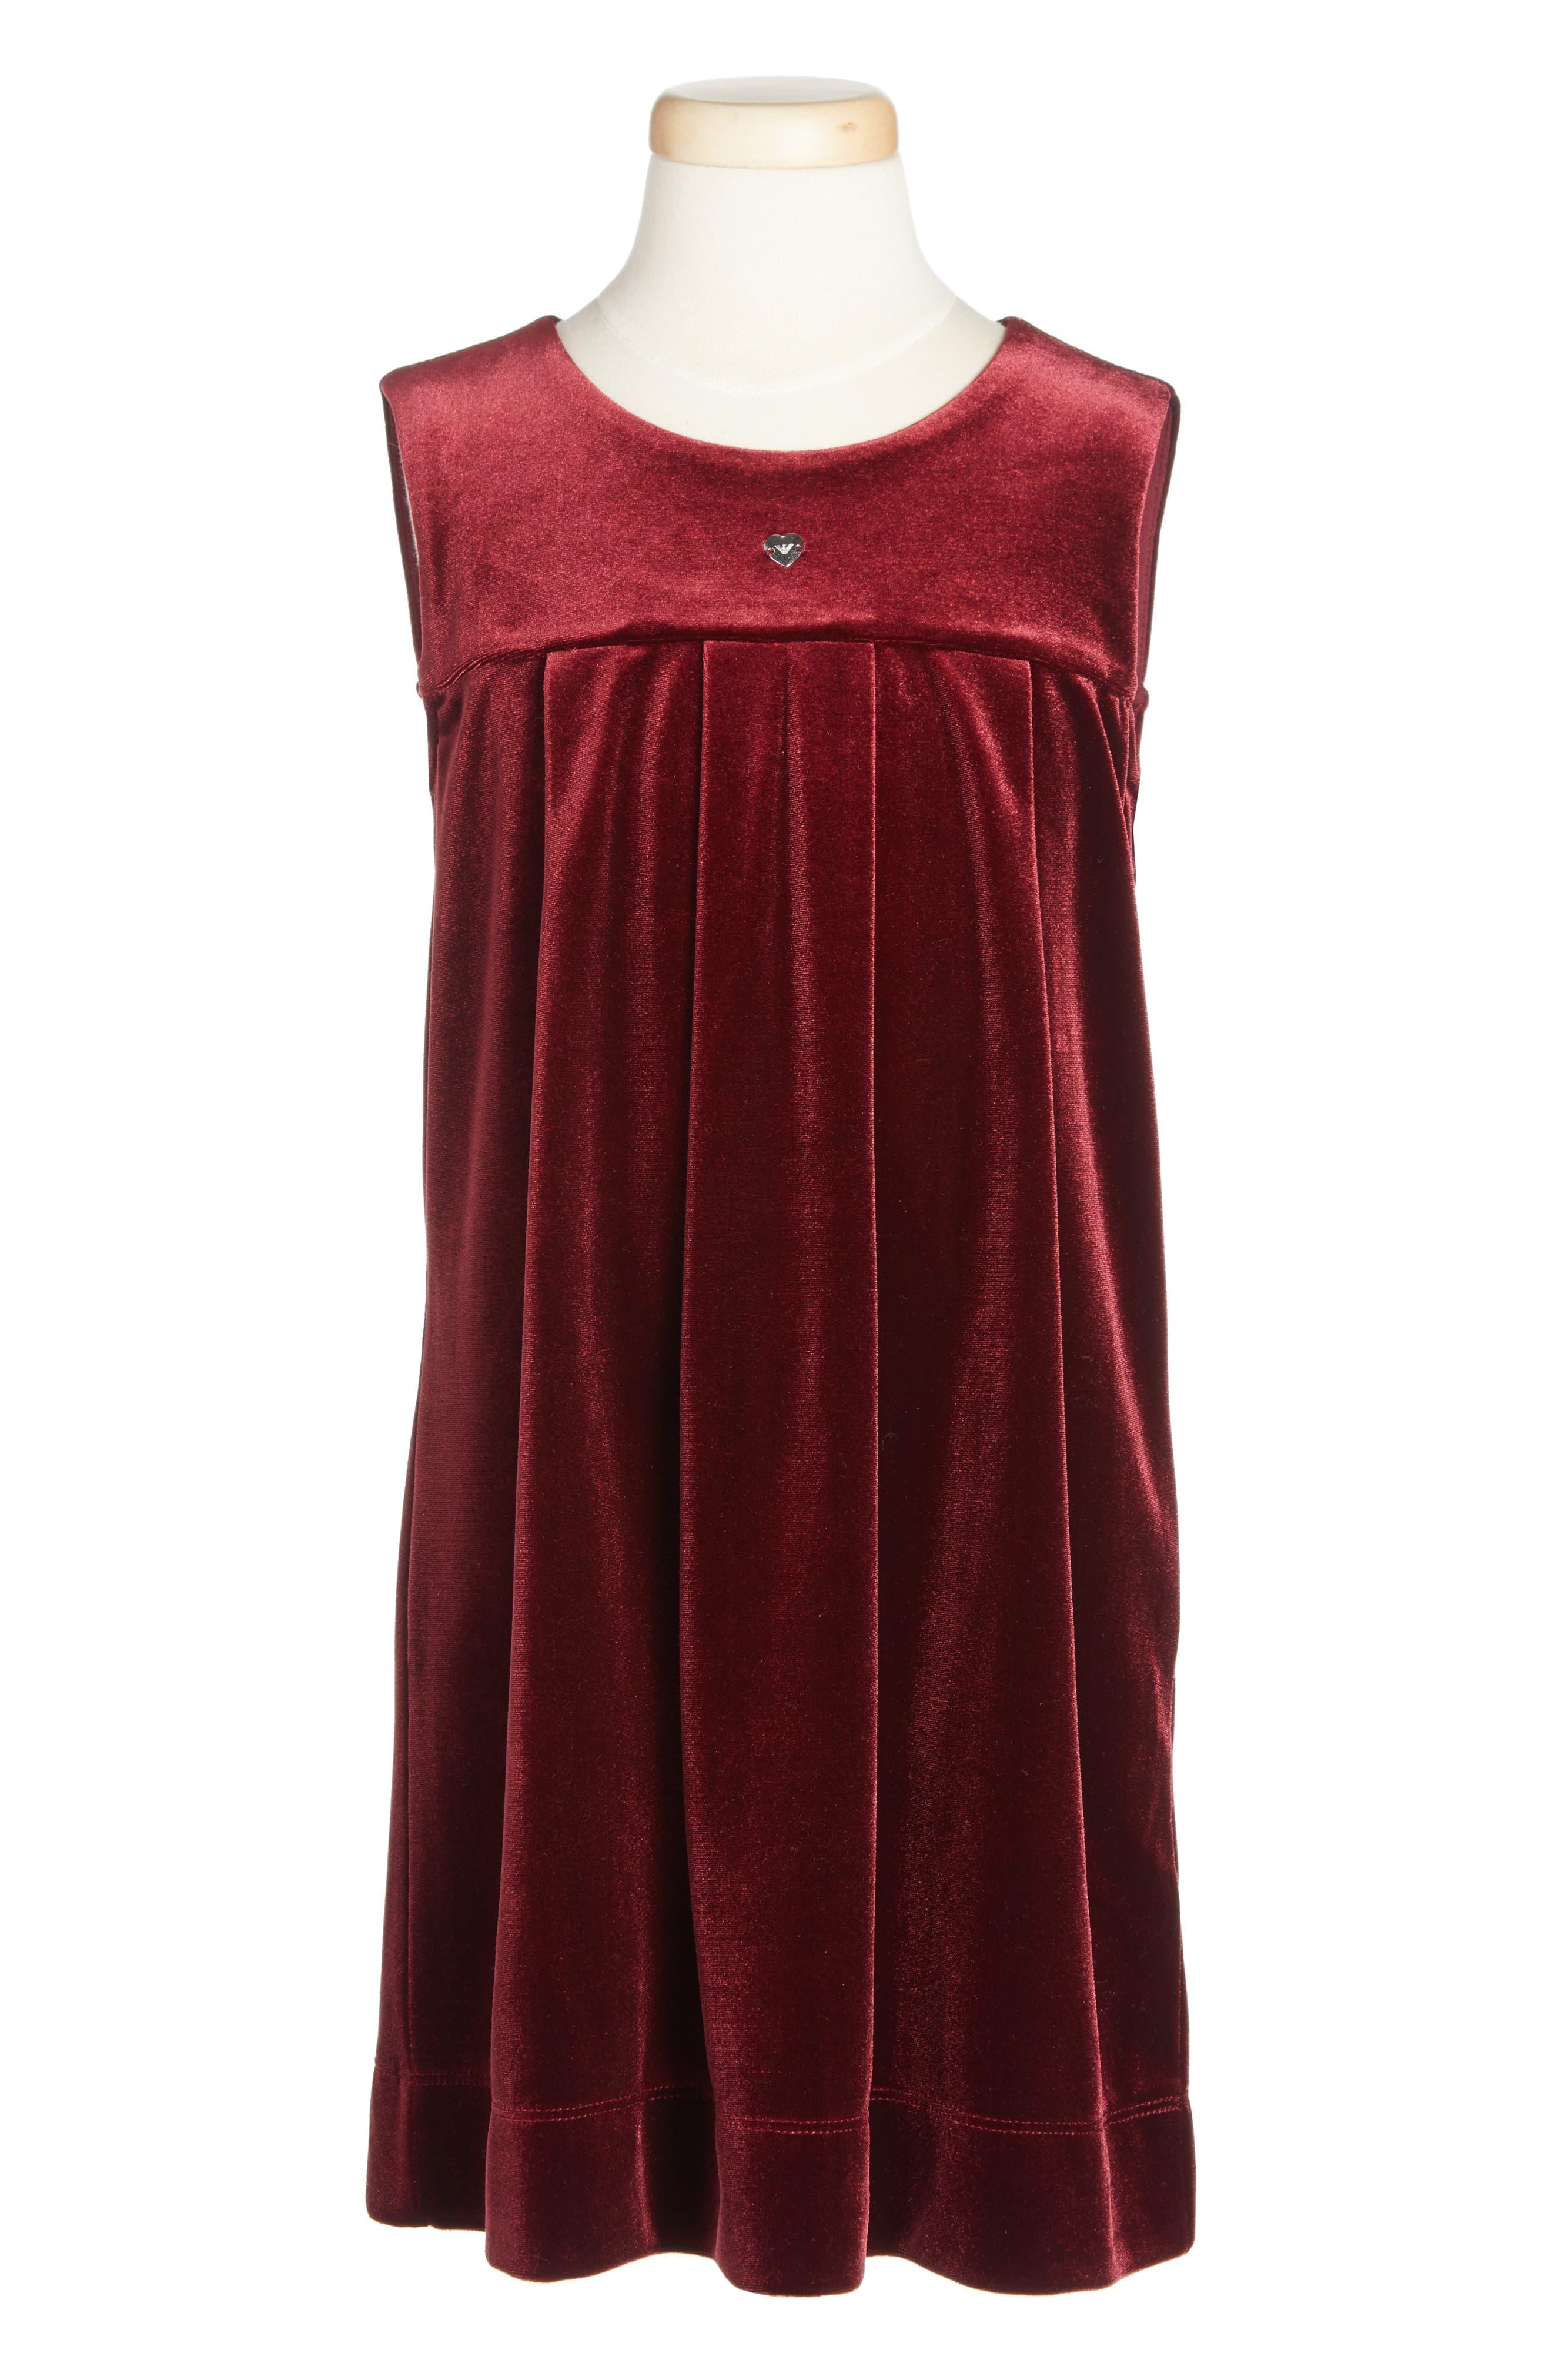 ARMANI JUNIOR Sleeveless Velvet Dress